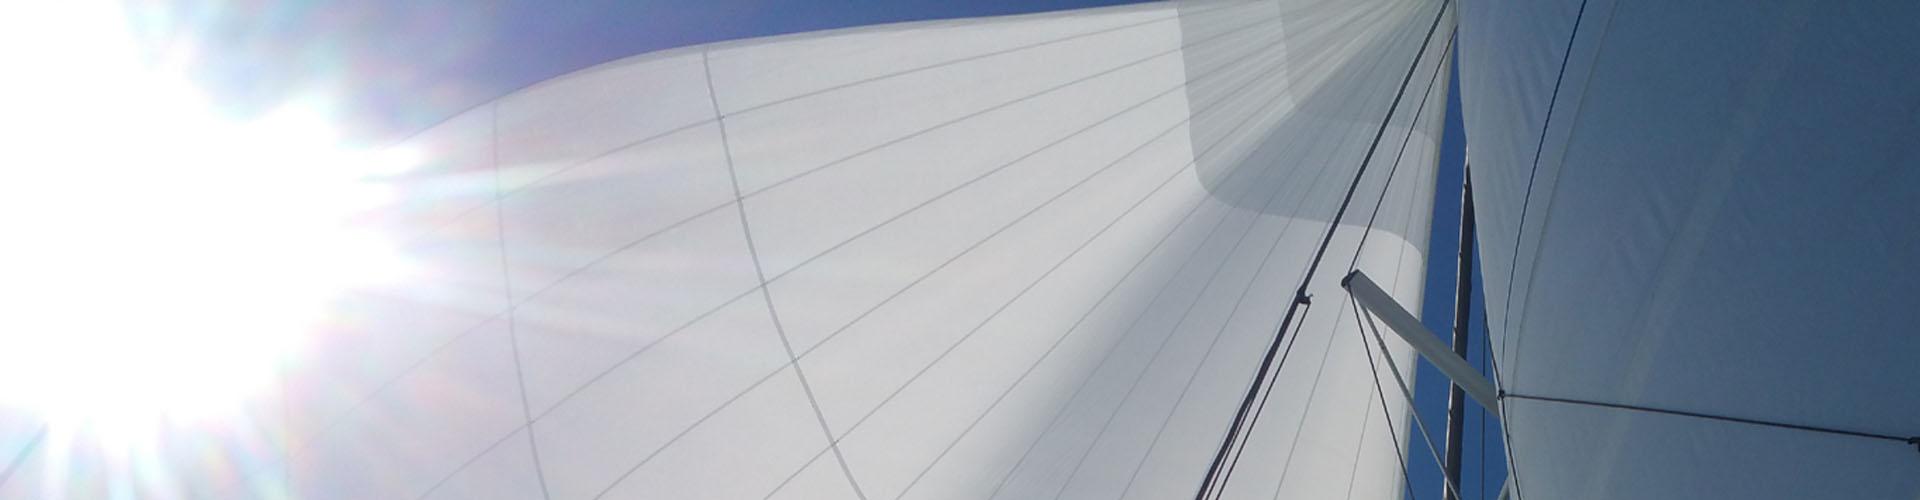 Otto nodi di vento sei nodi di velocità